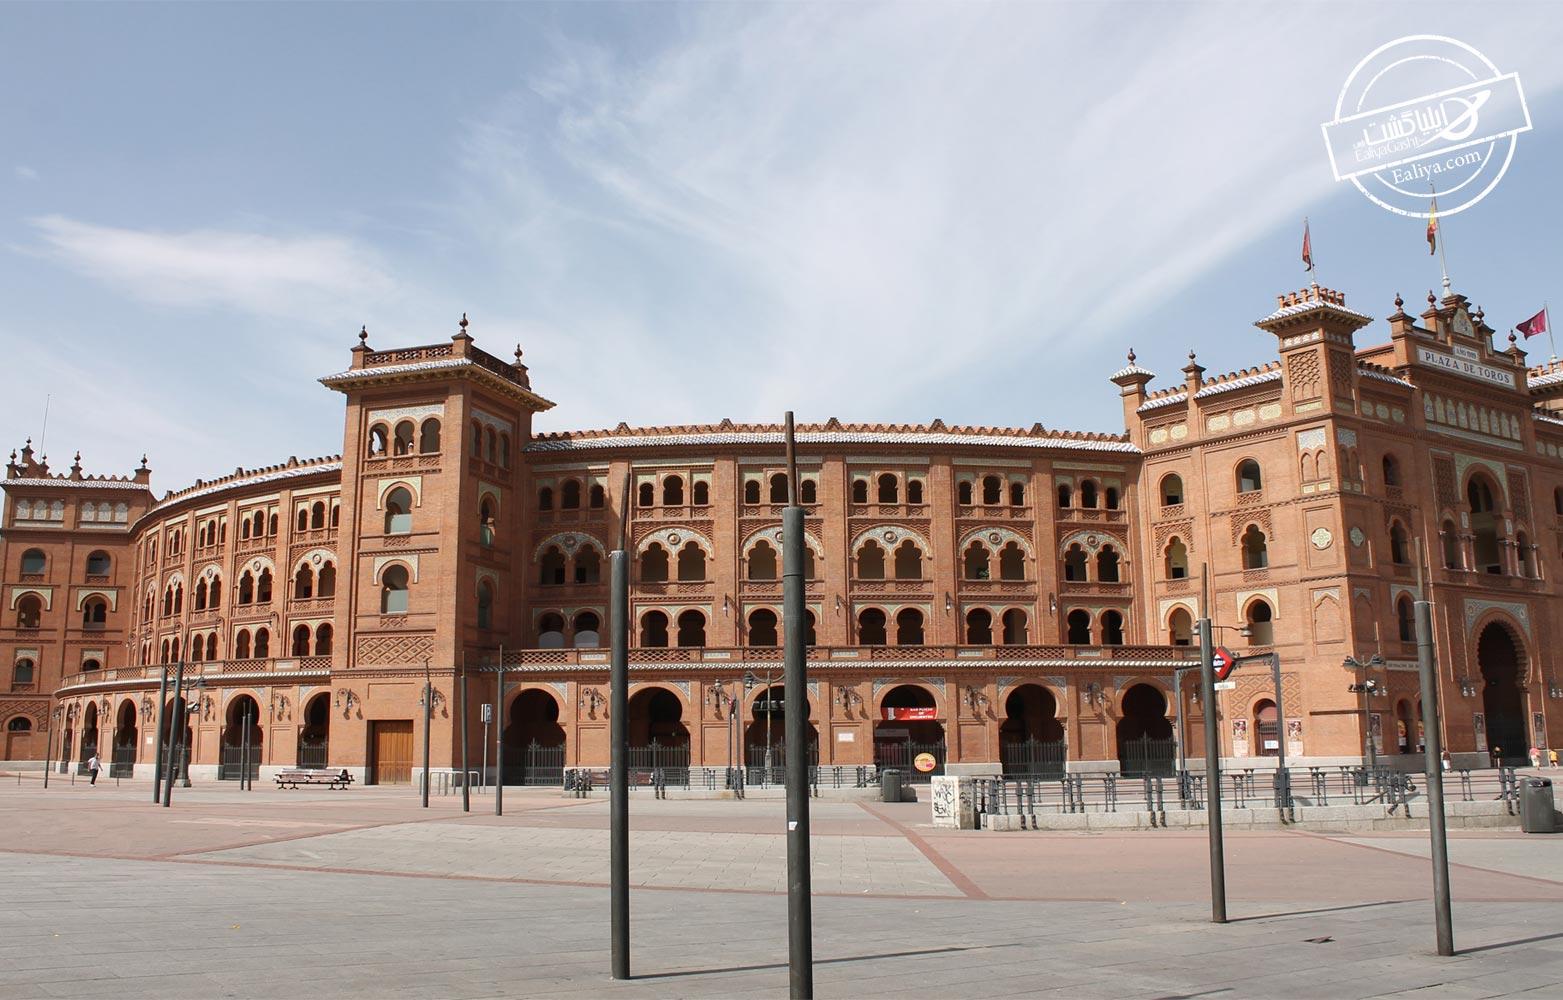 میدان بزرگ گاو بازی در اسپانیا